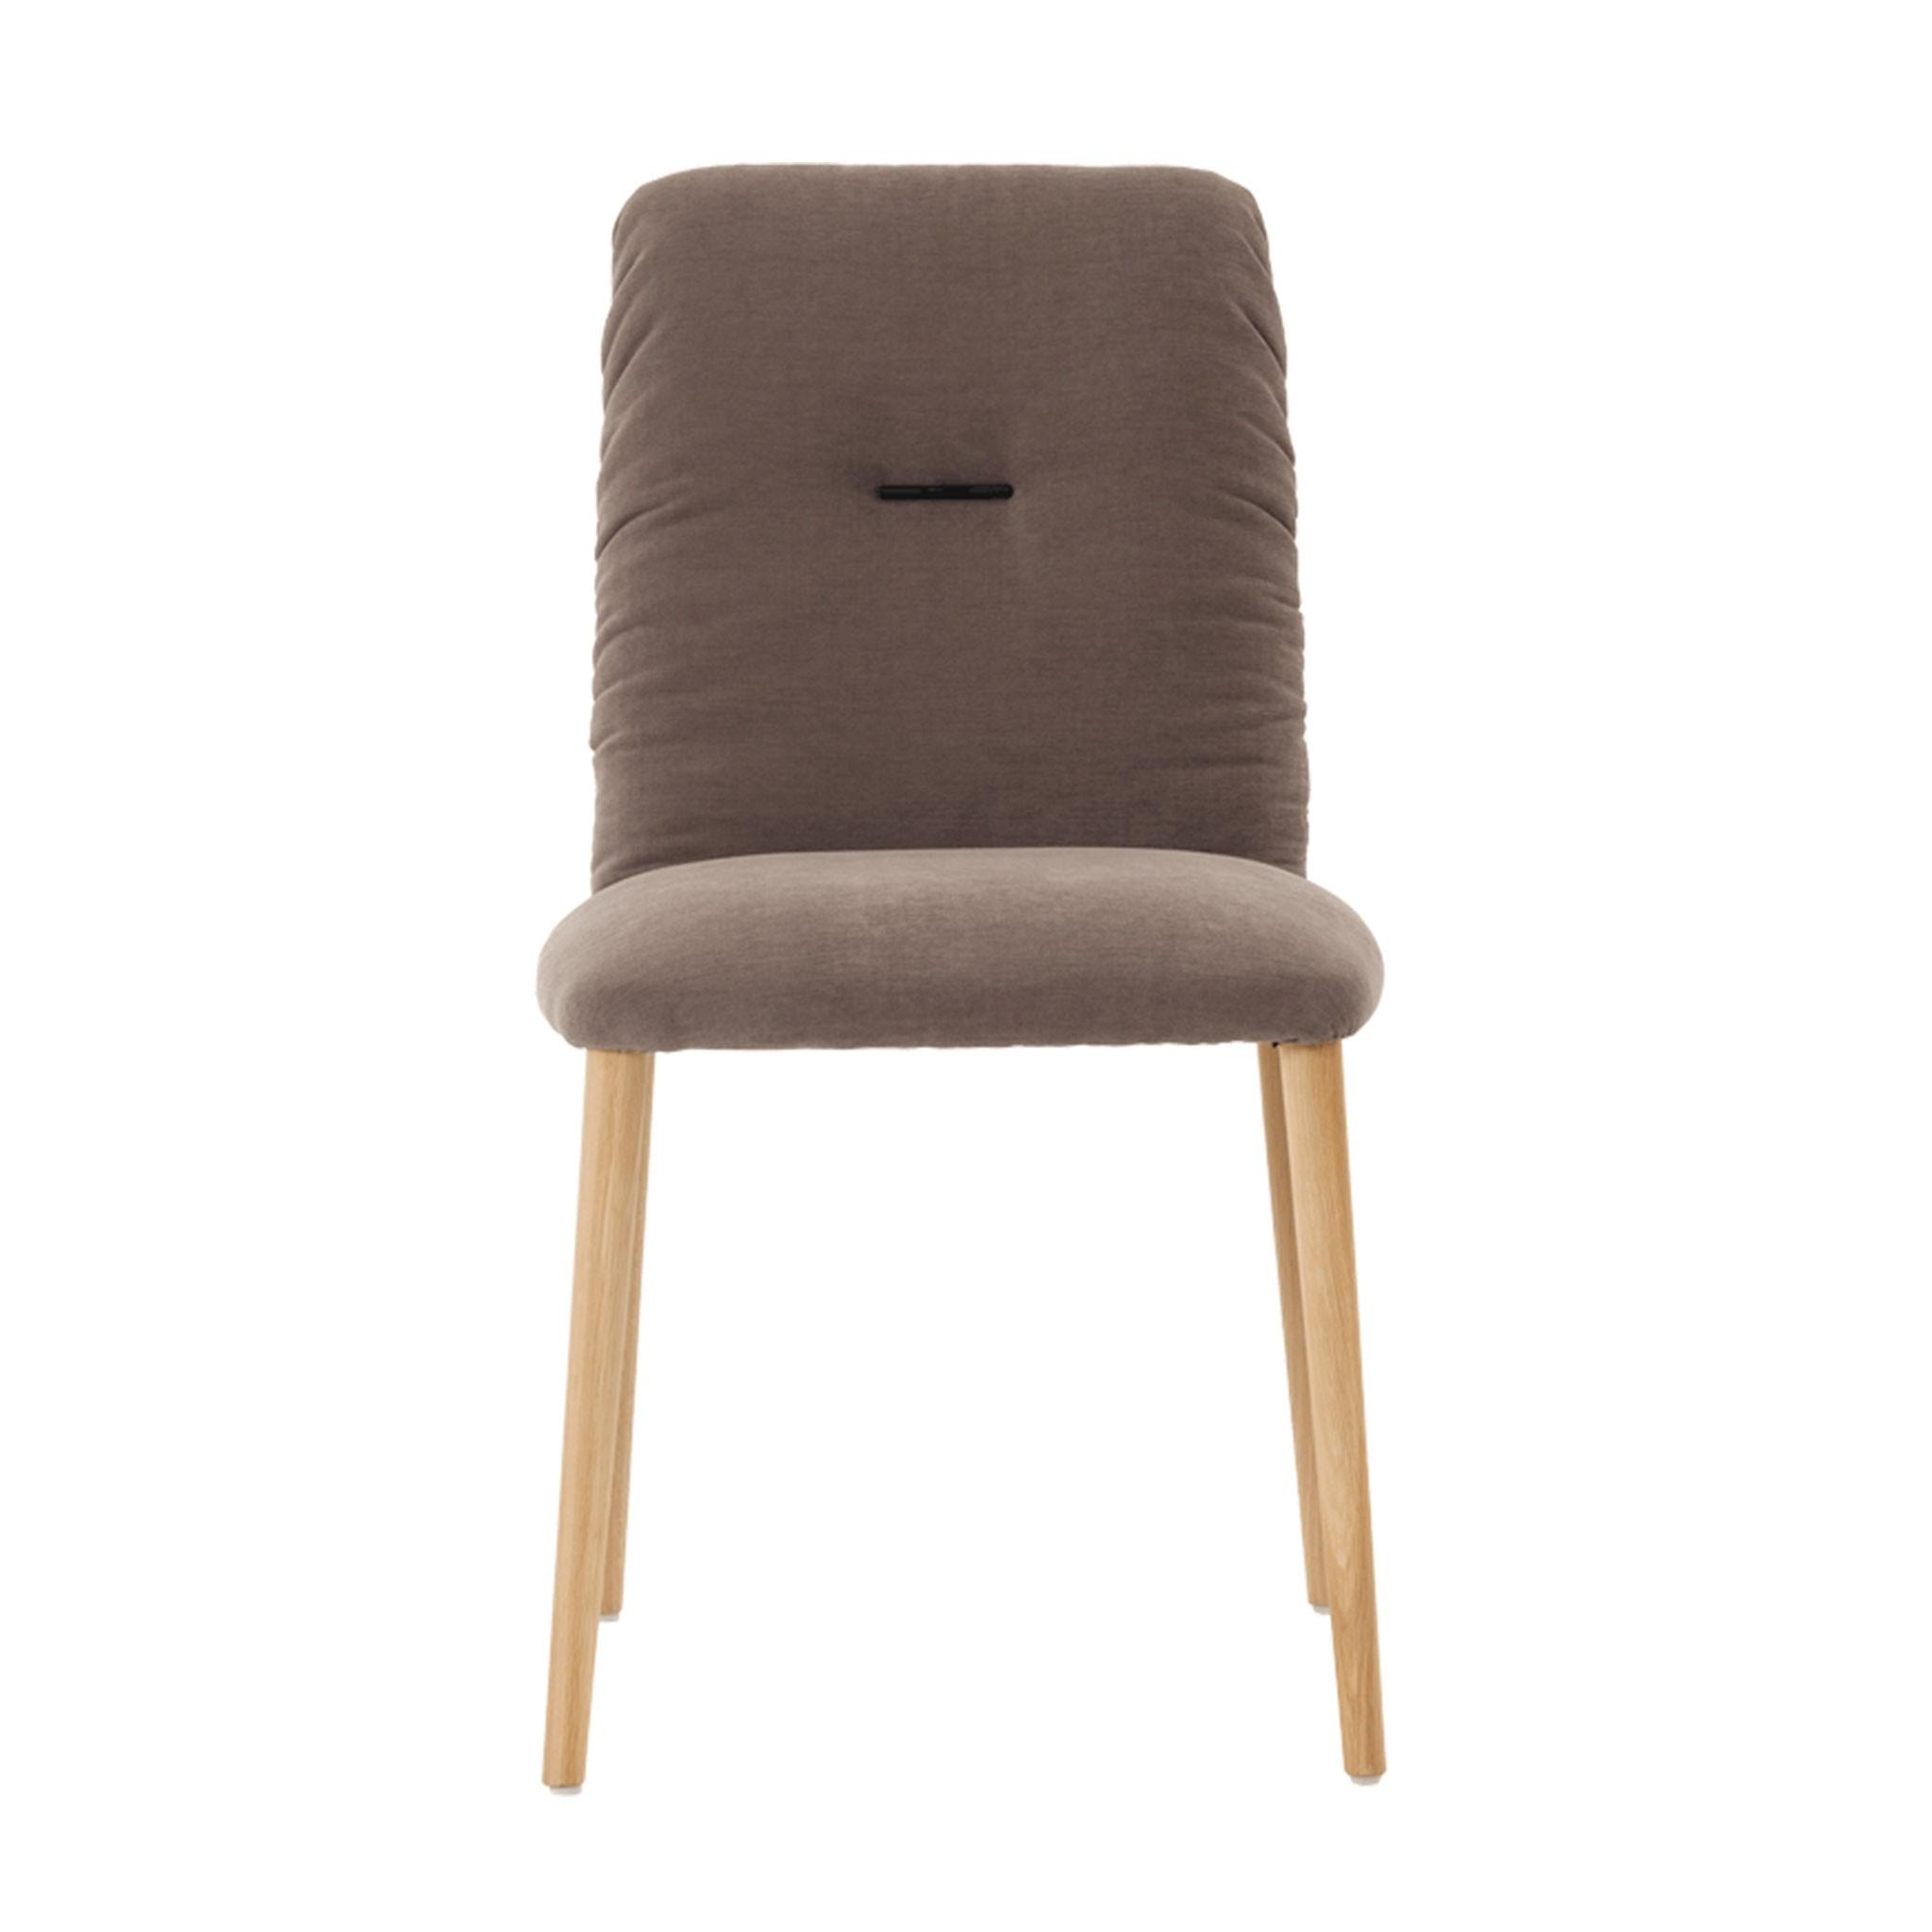 Ora chair - wood legs